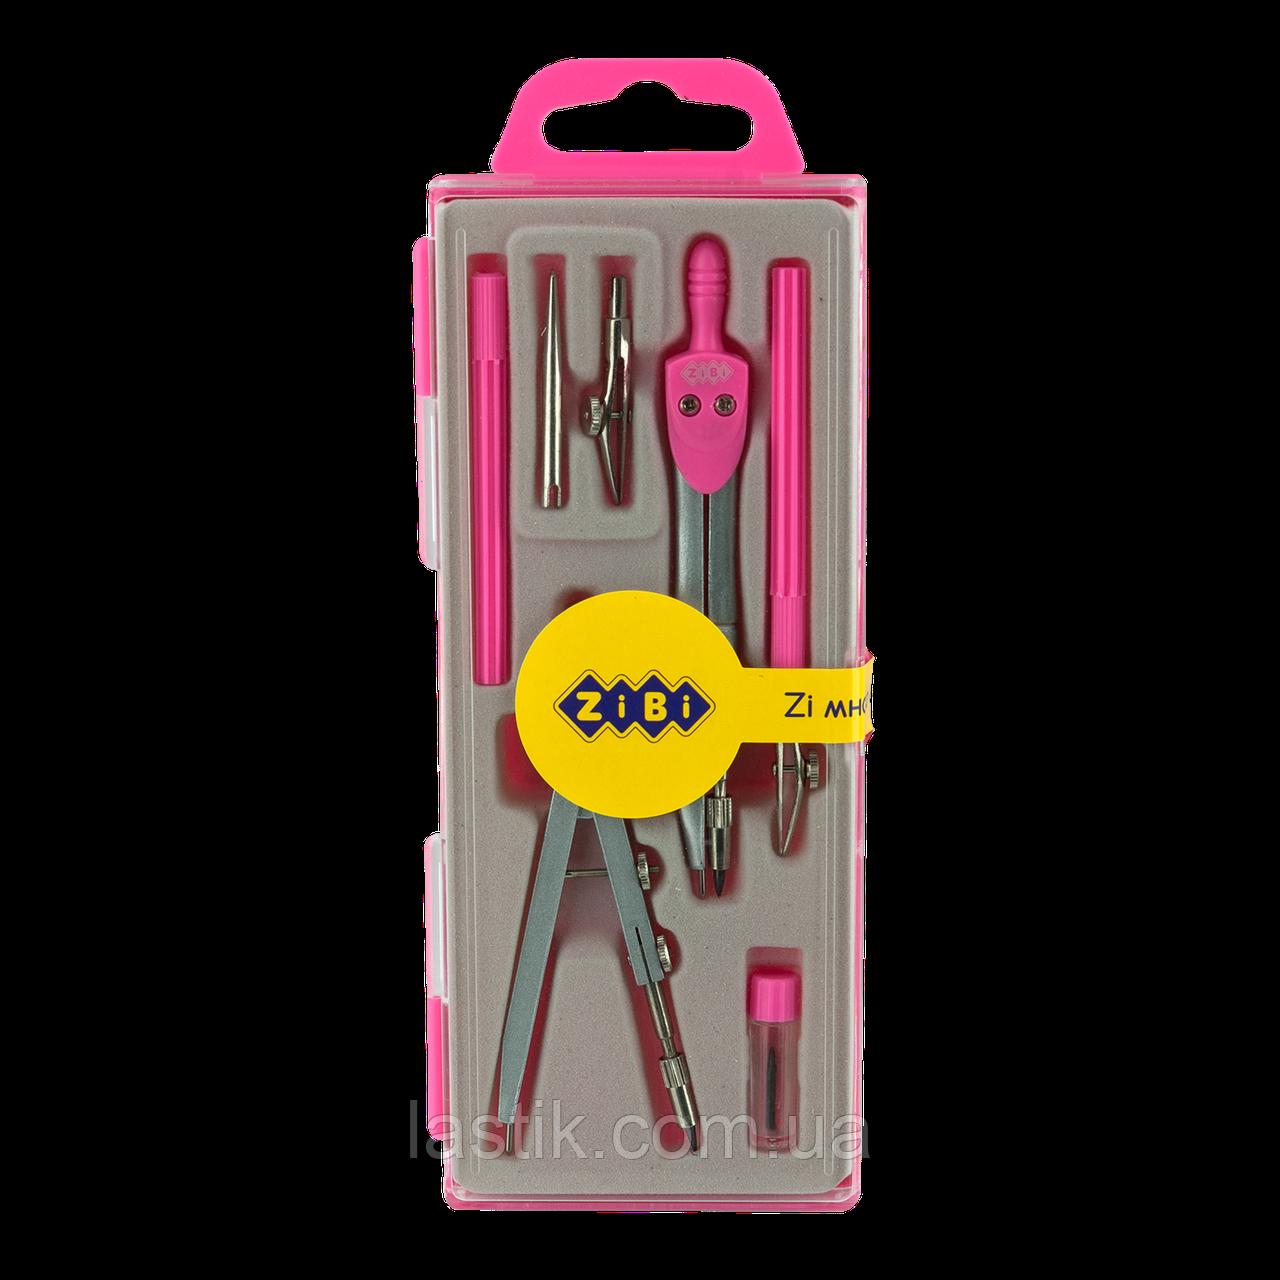 Готовальня BASIS 7 предметов розовый KIDS Line